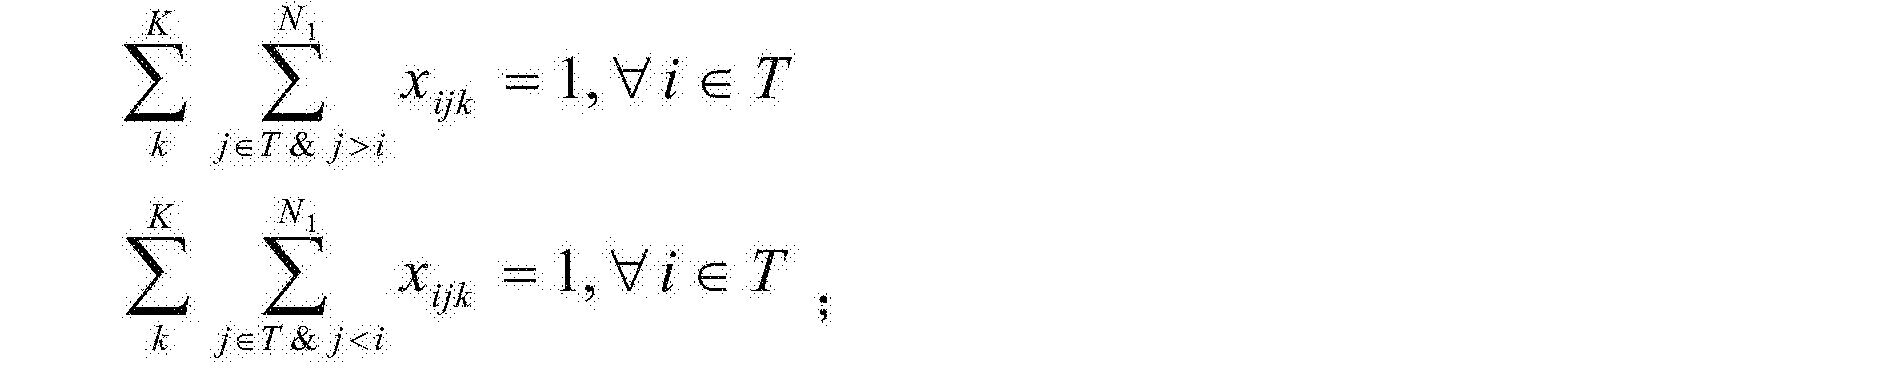 Figure CN106127357AC00032